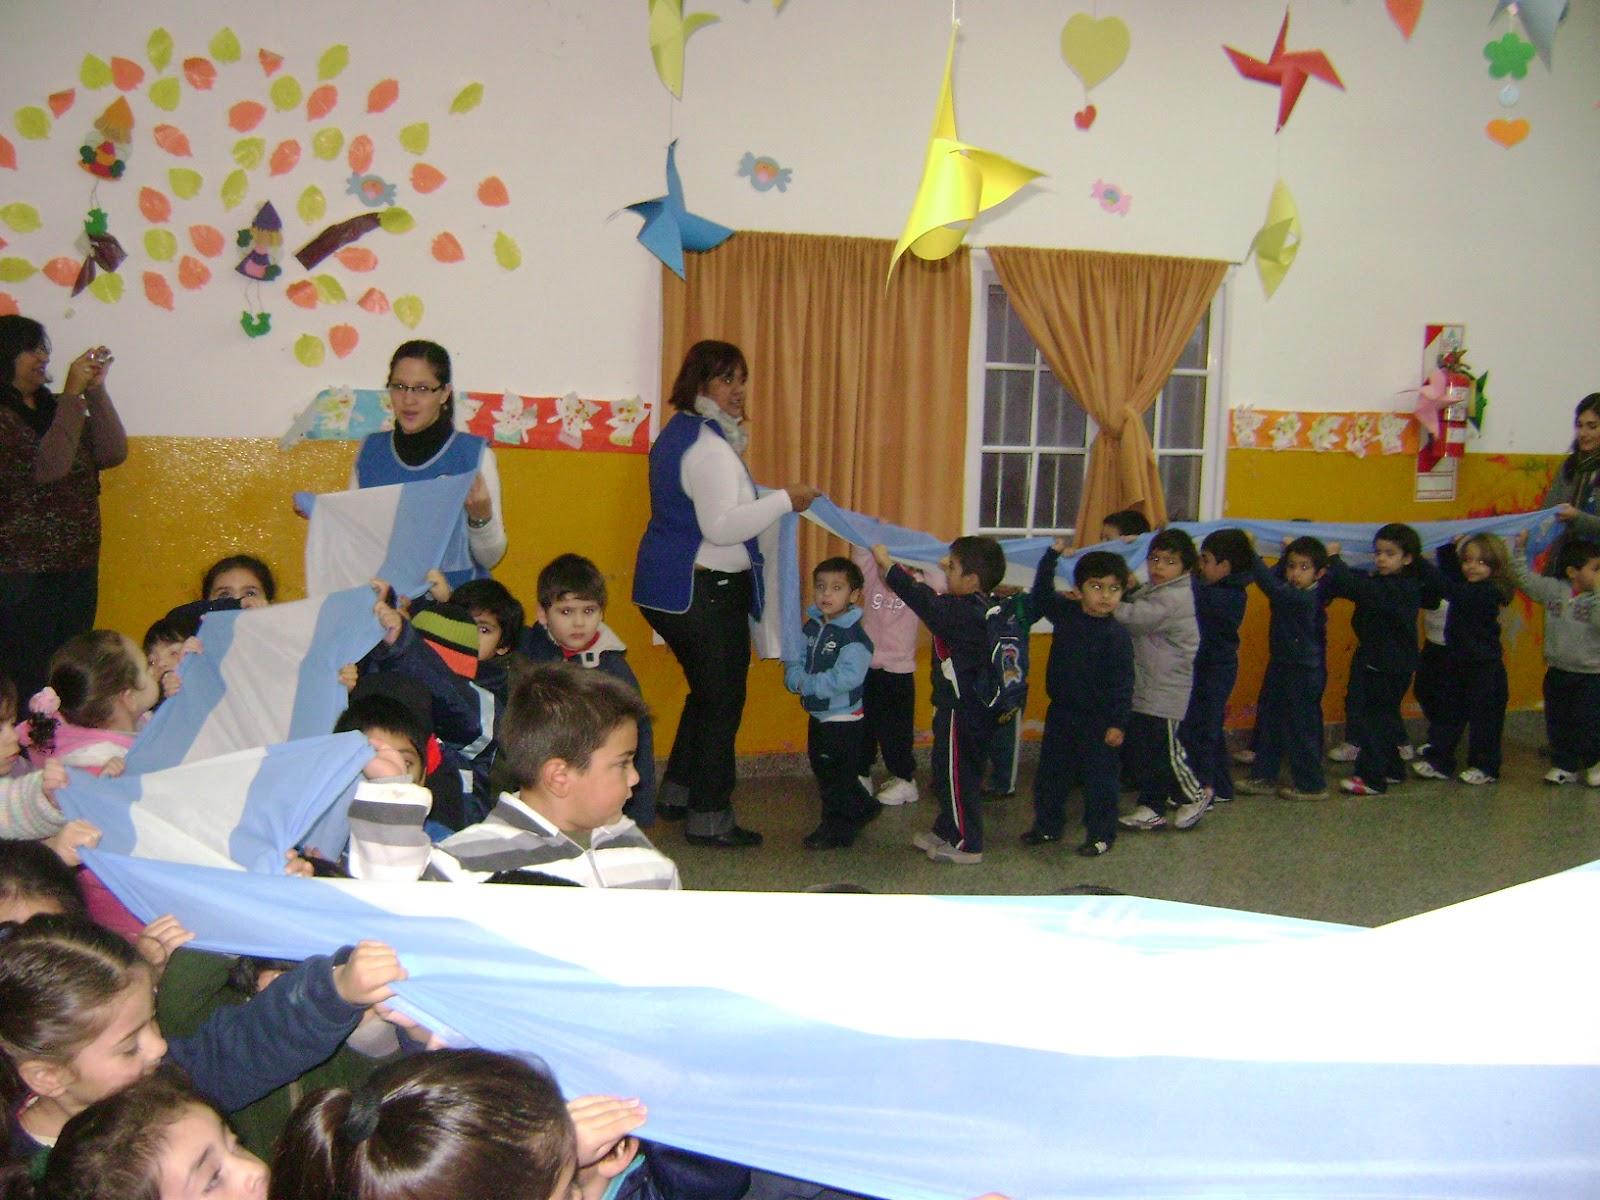 participaron alumnos y docentes de todas las salitas de Nivel Inicial